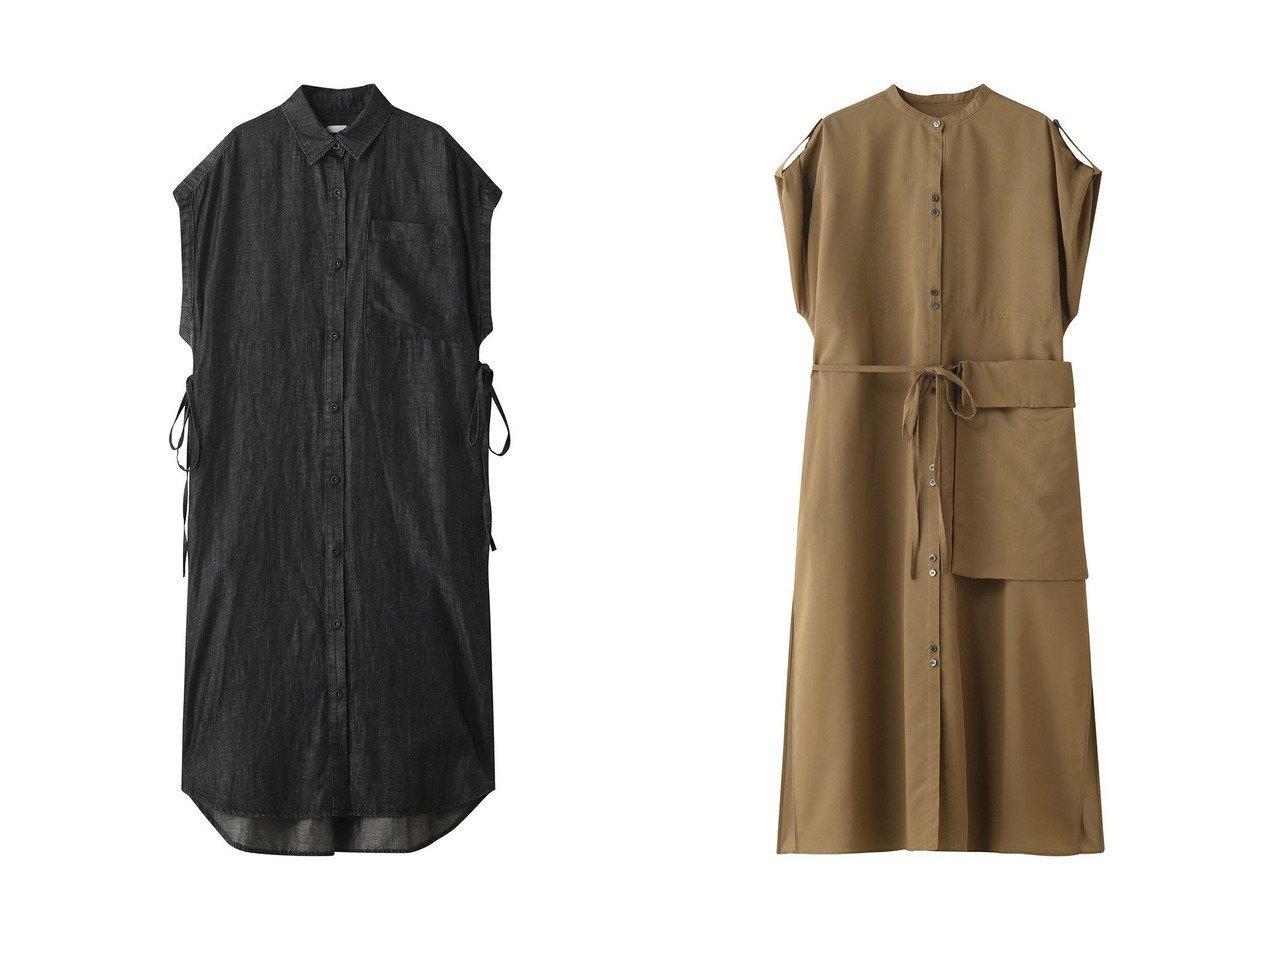 【RITO/リト】のコットンリネンデニムスリーブレスシャツドレス&ポーチポケット付きシアコットンロングシャツドレス RITOのおすすめ!人気、トレンド・レディースファッションの通販 おすすめで人気の流行・トレンド、ファッションの通販商品 メンズファッション・キッズファッション・インテリア・家具・レディースファッション・服の通販 founy(ファニー) https://founy.com/ ファッション Fashion レディースファッション WOMEN ワンピース Dress ドレス Party Dresses ポーチ Pouches 2021年 2021 2021 春夏 S/S SS Spring/Summer 2021 S/S 春夏 SS Spring/Summer デニム リネン レギンス 春 Spring  ID:crp329100000019492